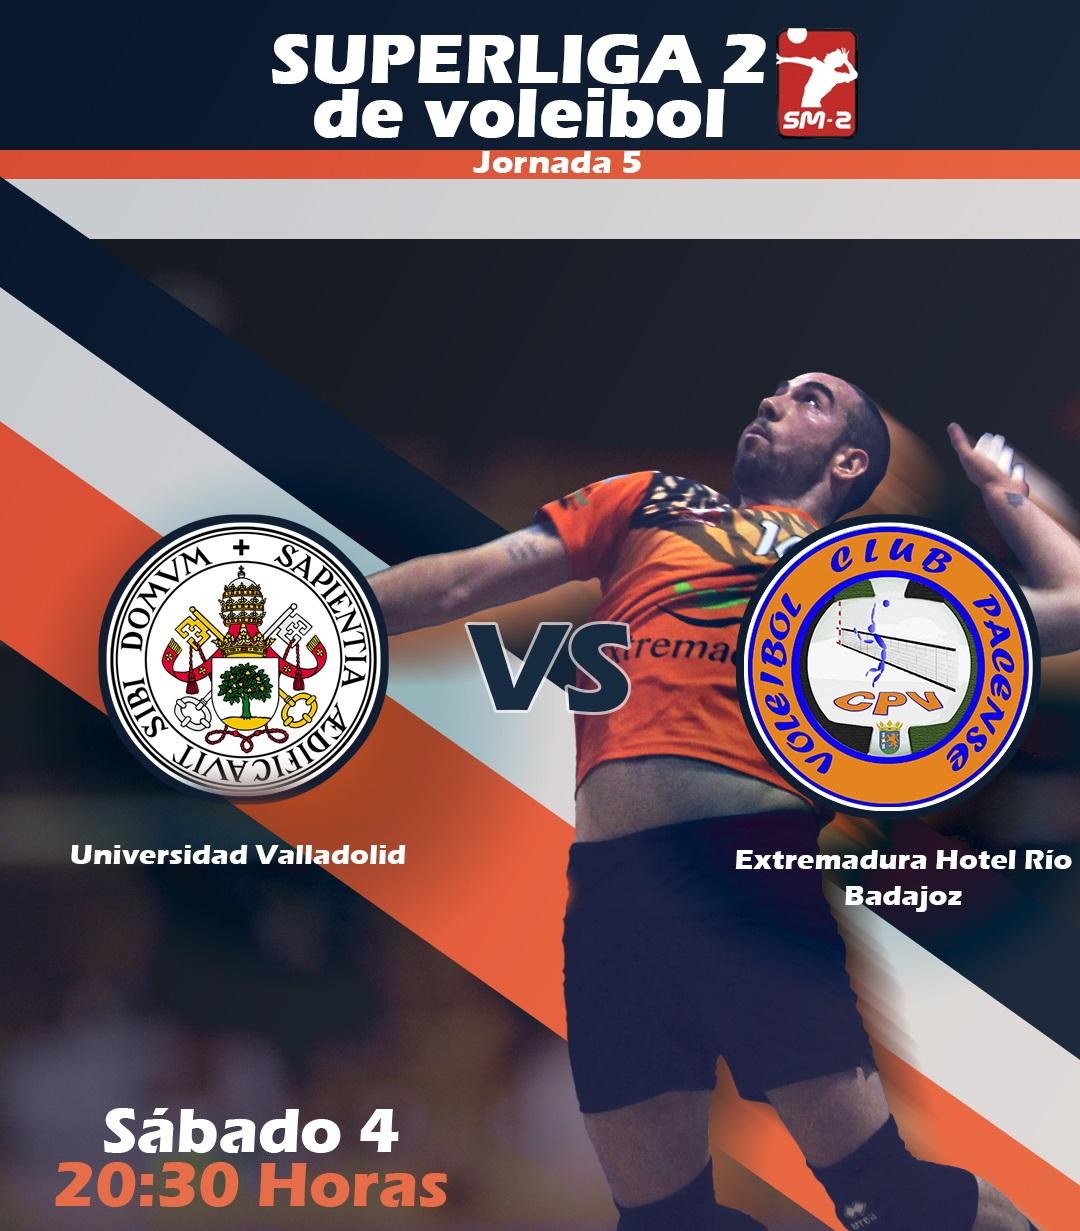 El Extremadura Hotel Río Badajoz busca en Valladolid su primera victoria